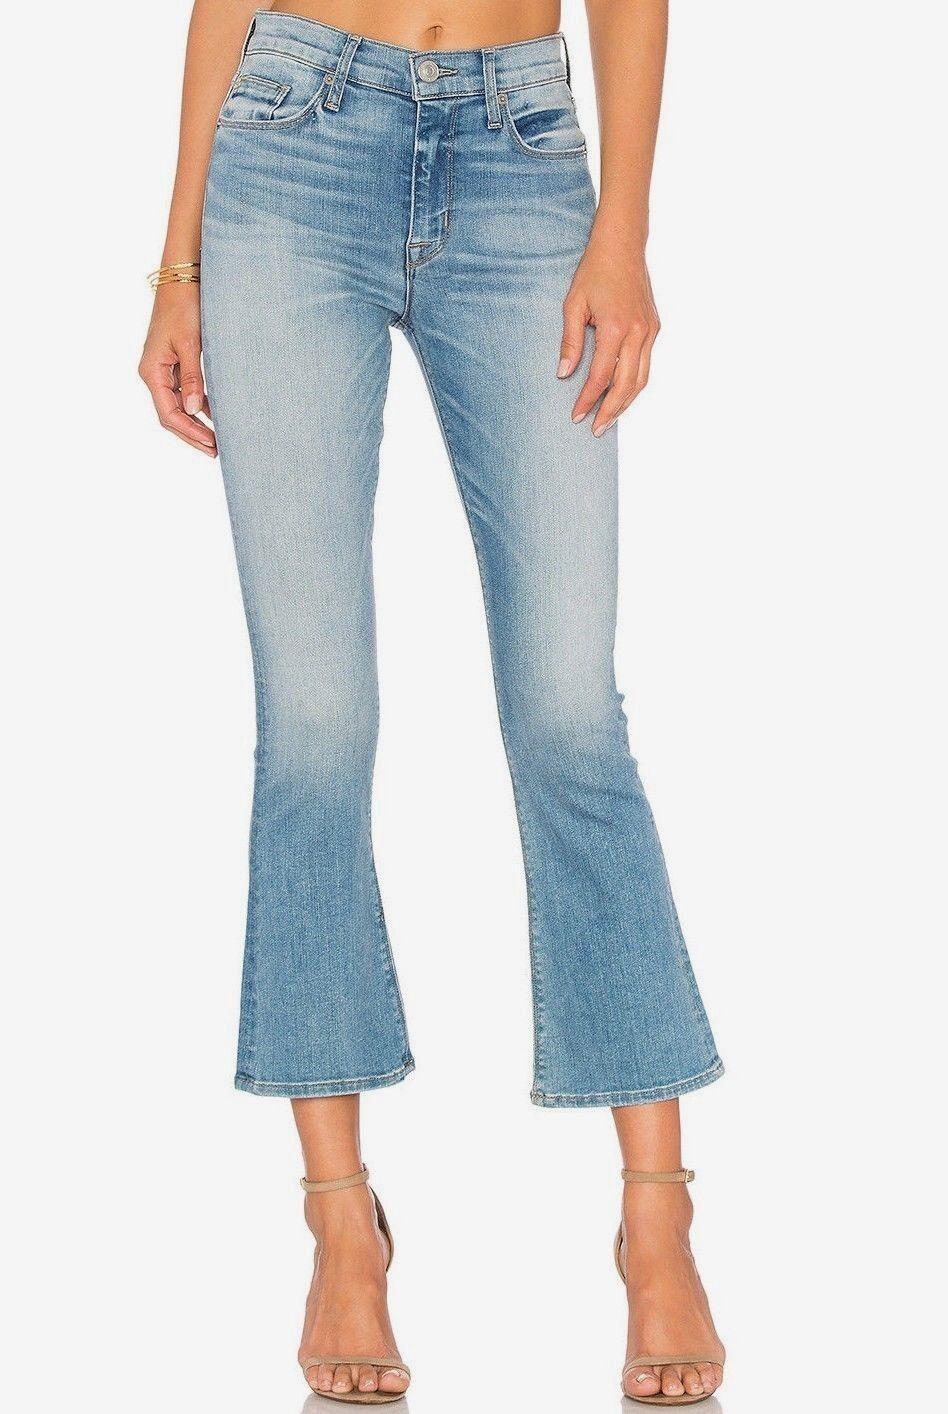 Nwt Hudson Sz28 Brix Ausschnitt Hoher Stiefelcut Stretch Jeans Wucht Blaue Wäsche